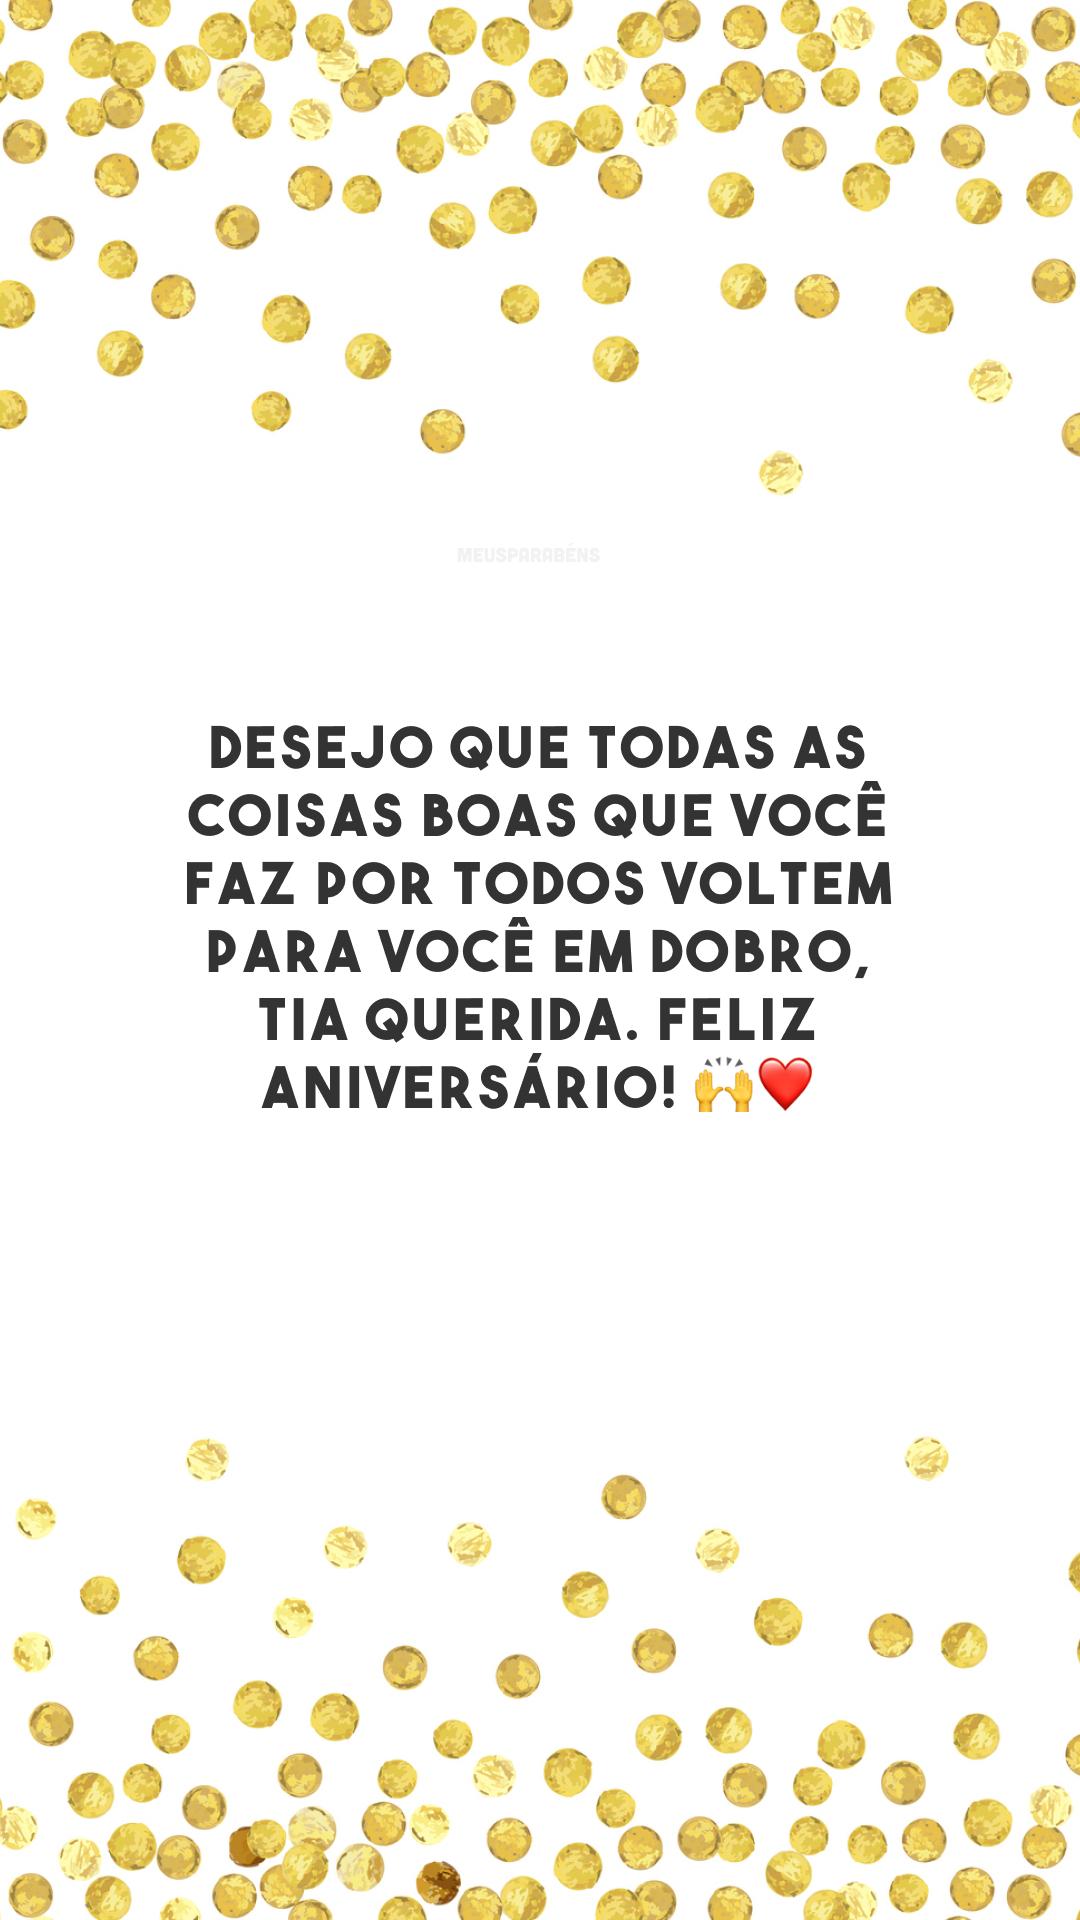 Desejo que todas as coisas boas que você faz por todos voltem para você em dobro, tia querida. Feliz aniversário! 🙌❤️